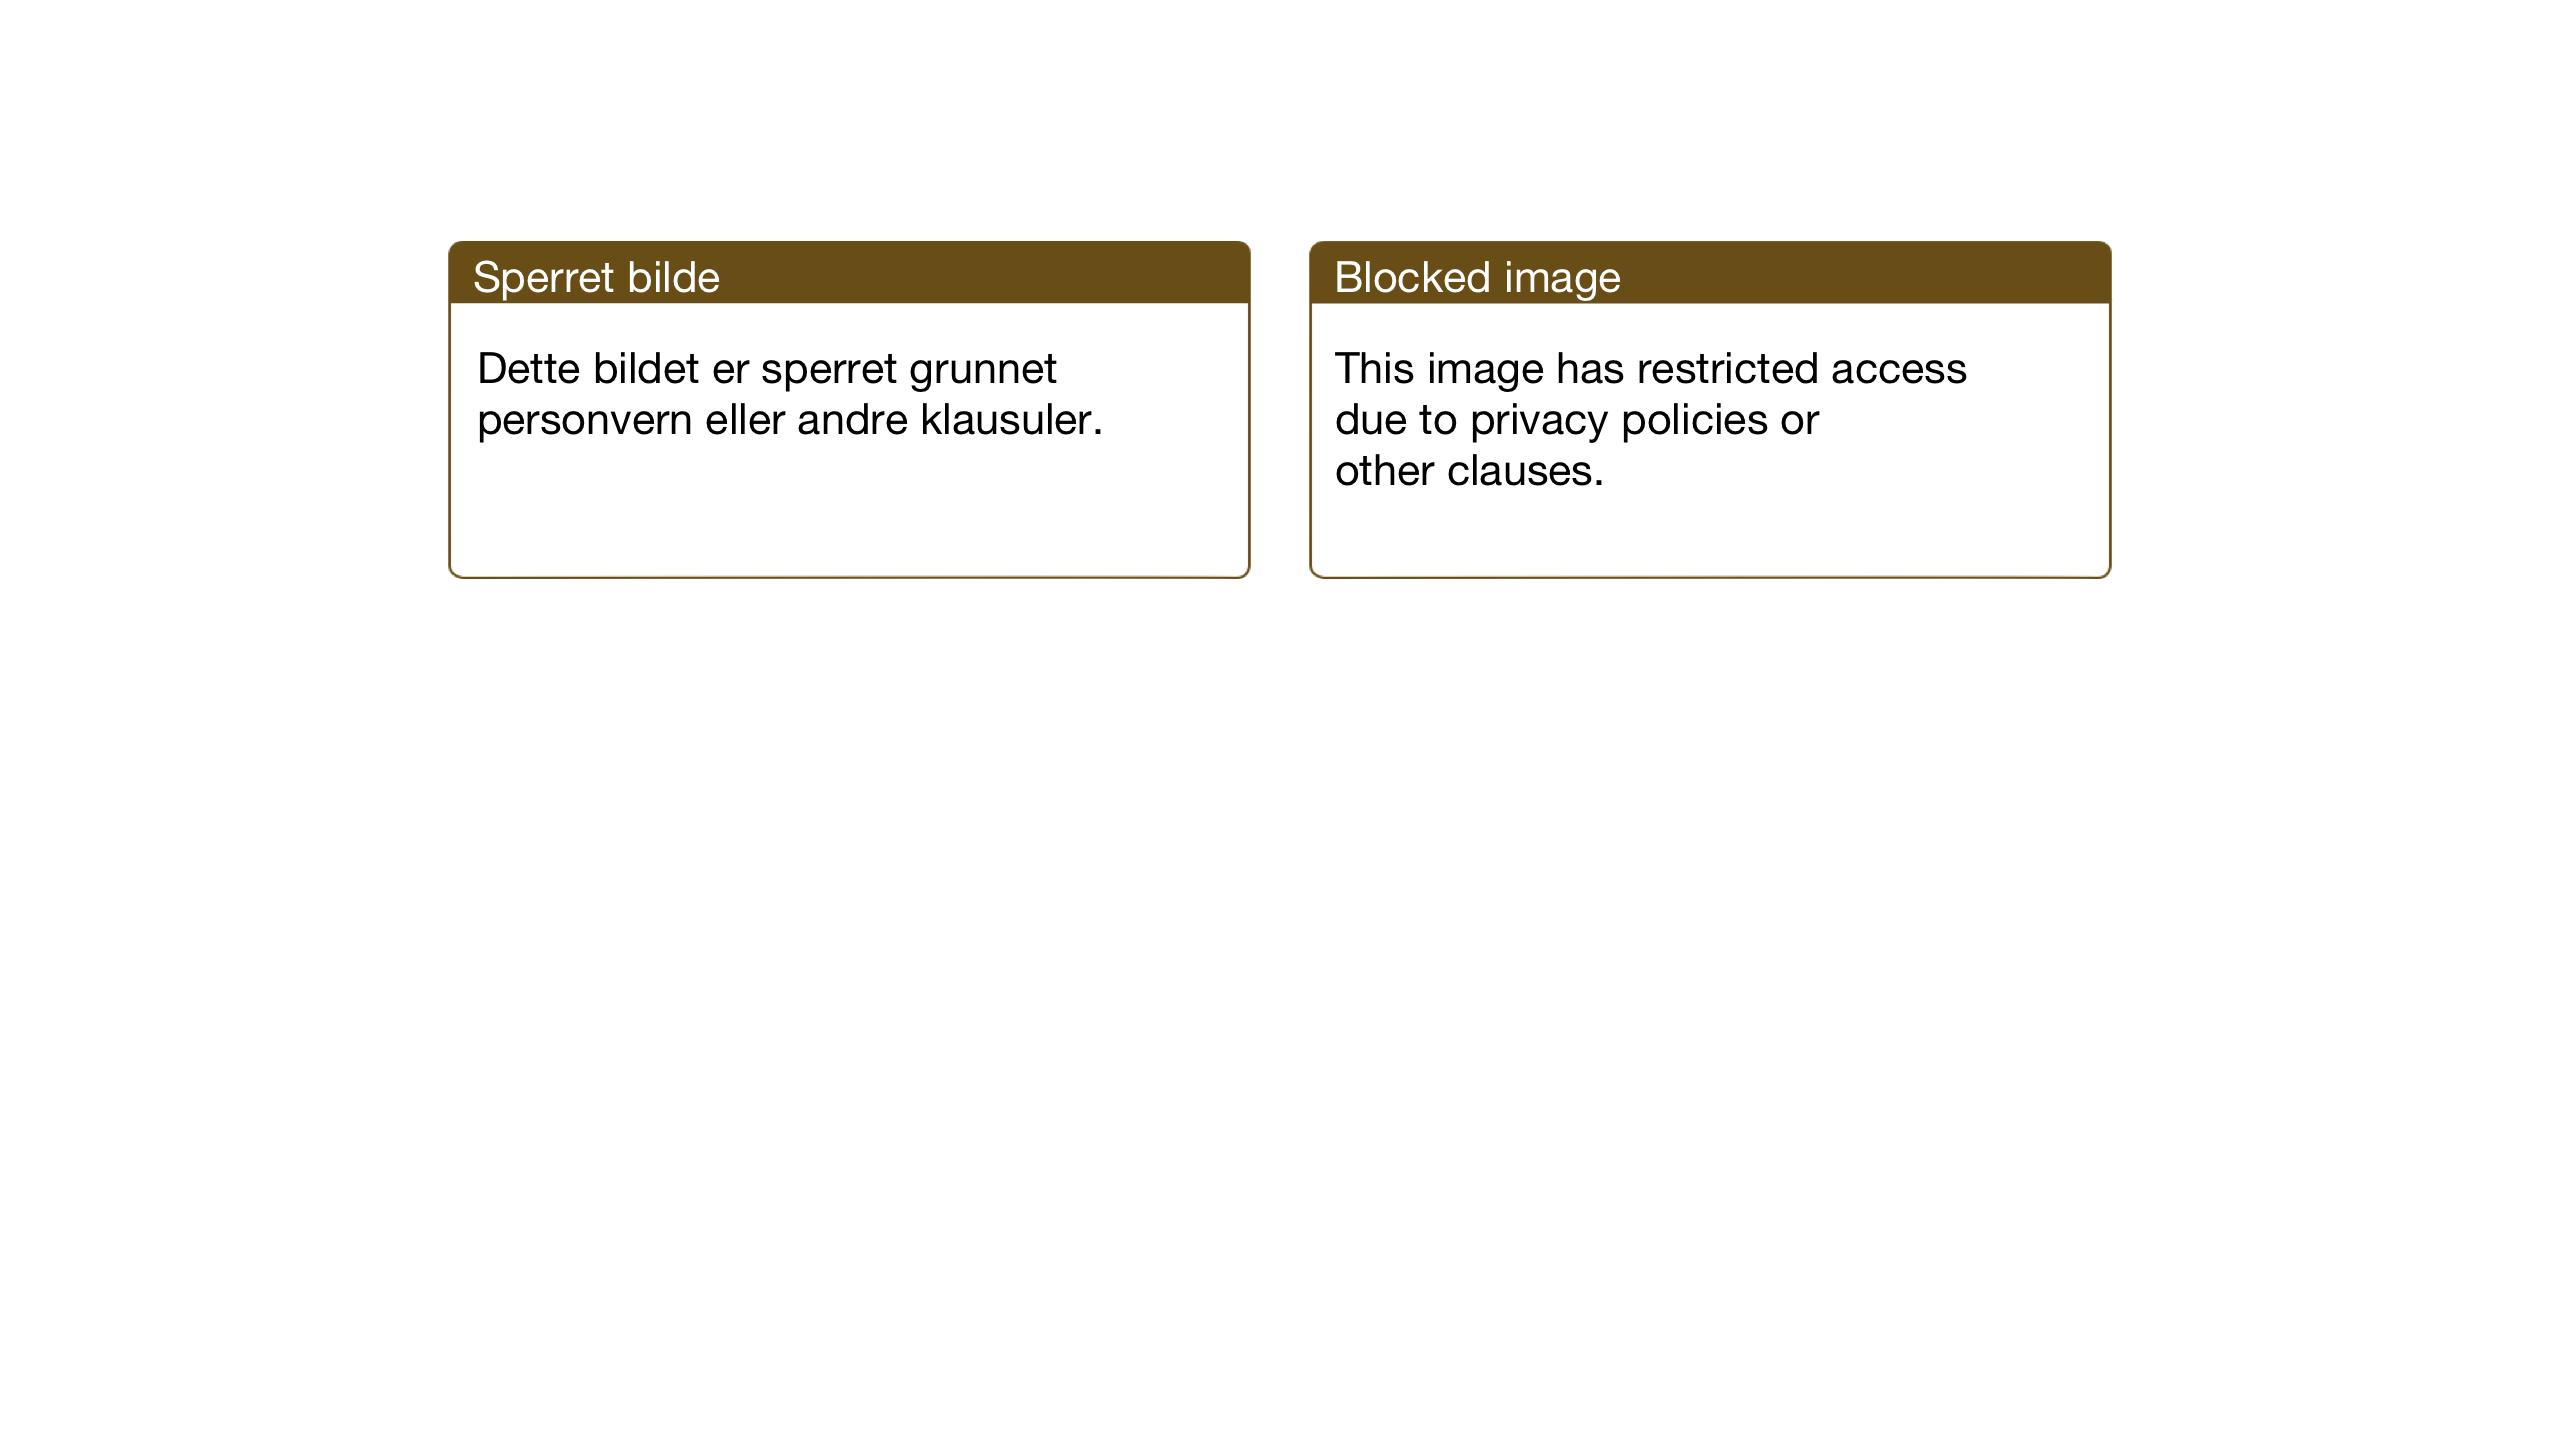 SAT, Ministerialprotokoller, klokkerbøker og fødselsregistre - Sør-Trøndelag, 640/L0590: Klokkerbok nr. 640C07, 1935-1948, s. 153